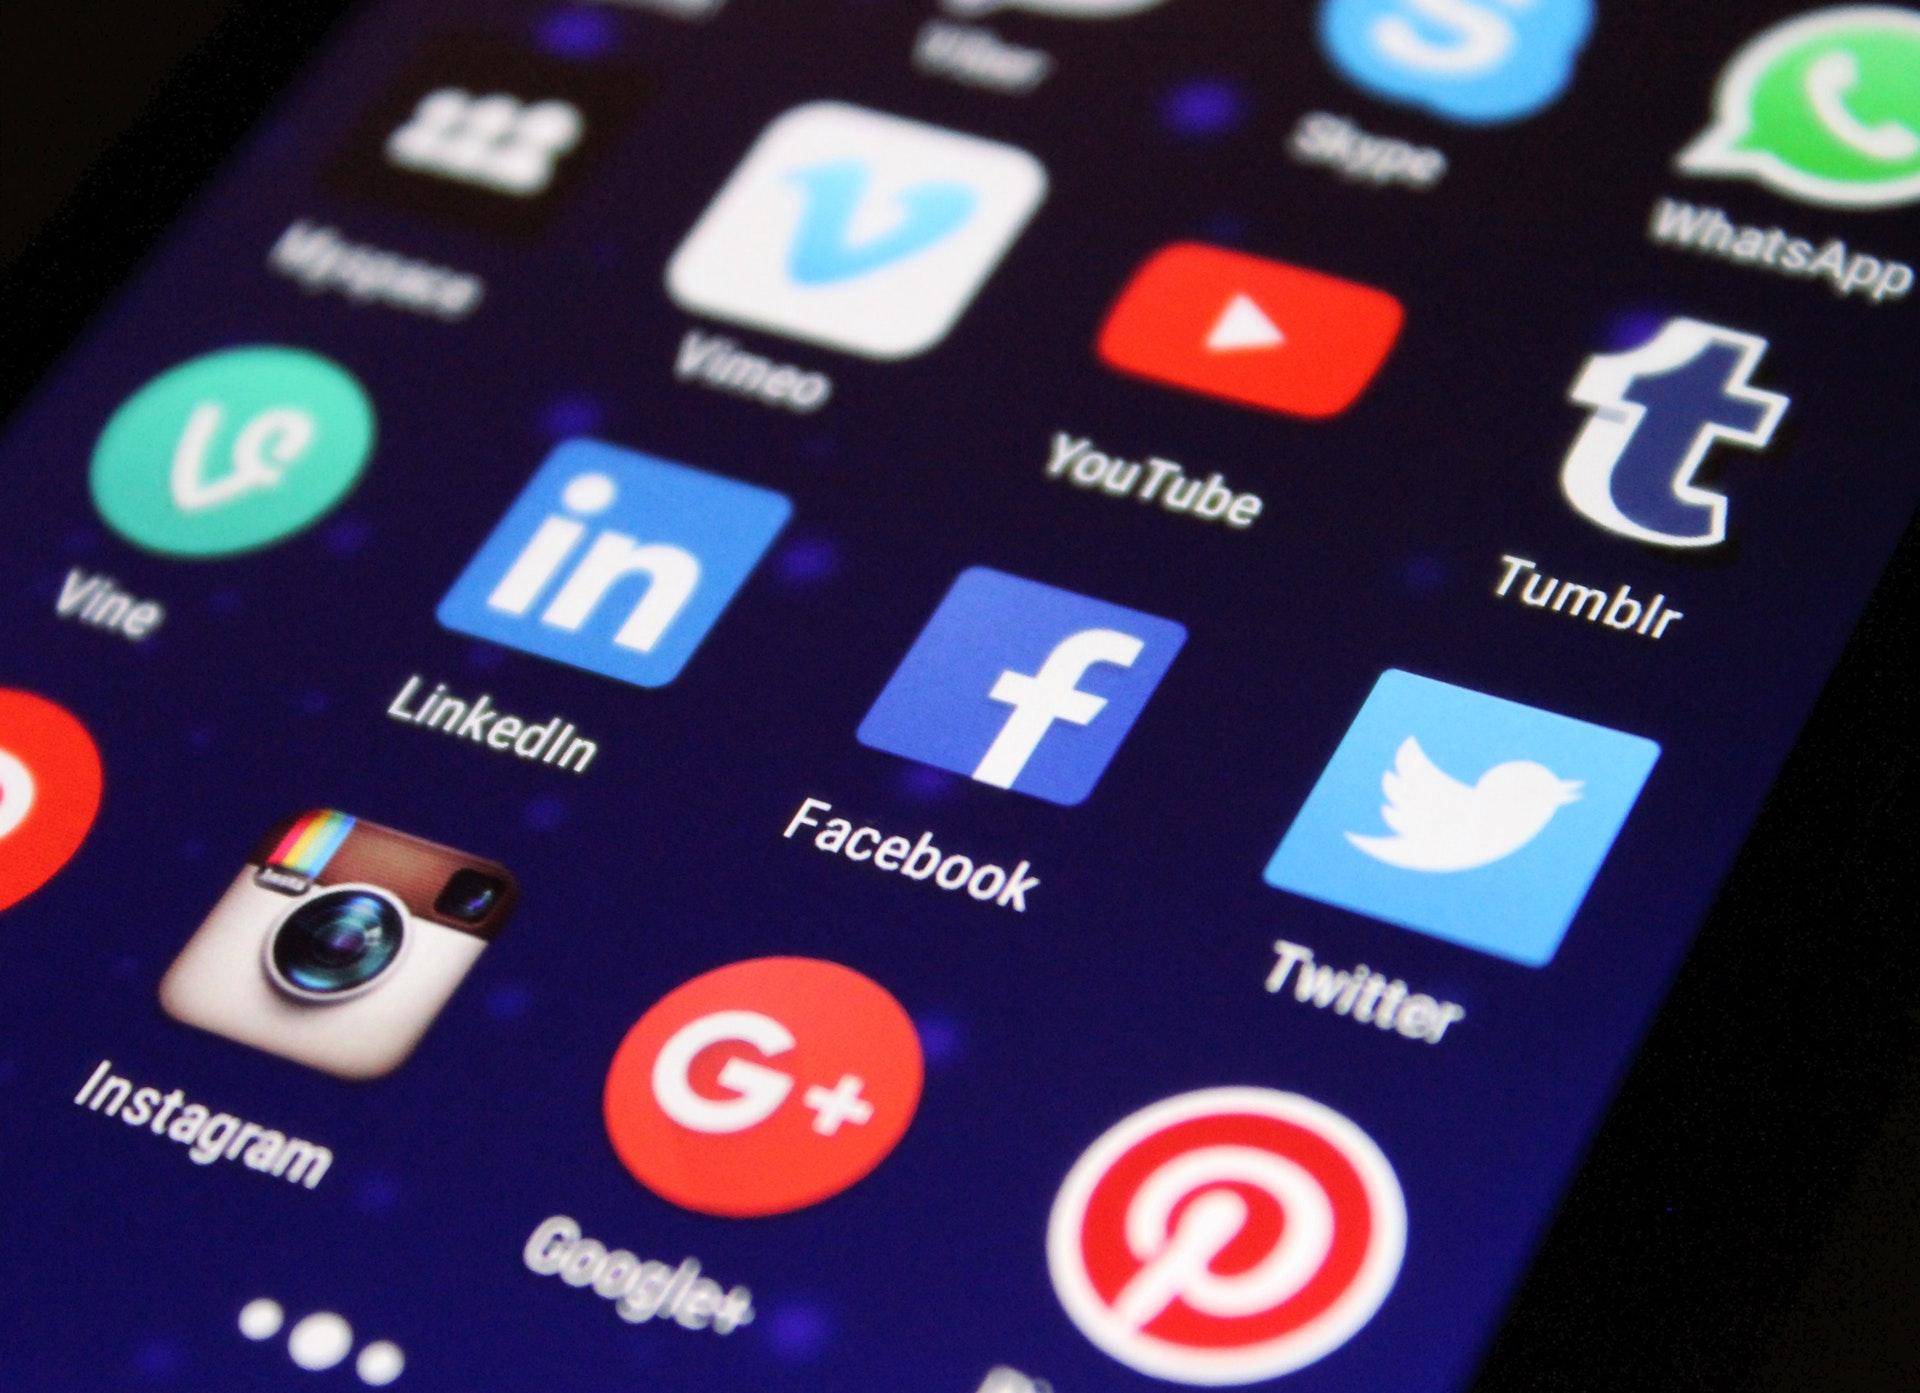 Is Social Media Growing Still?